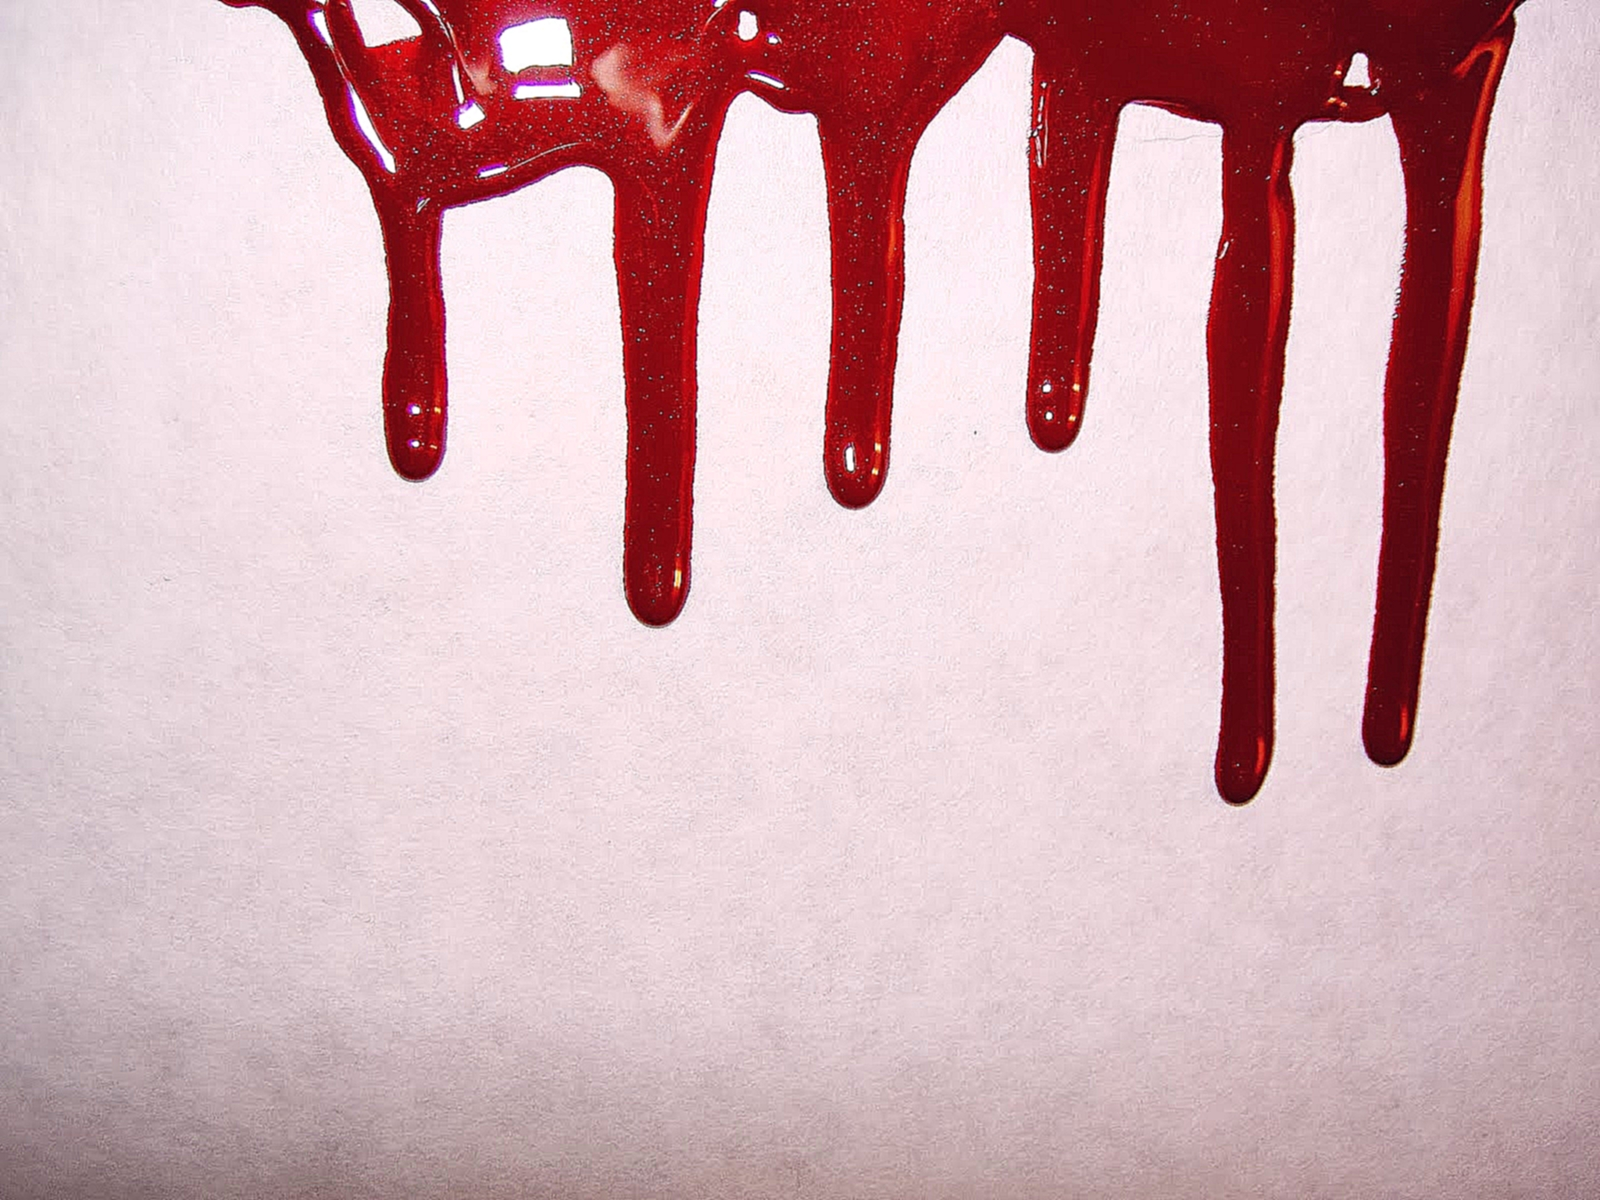 egy álomban vörös foltok vannak a kezeken